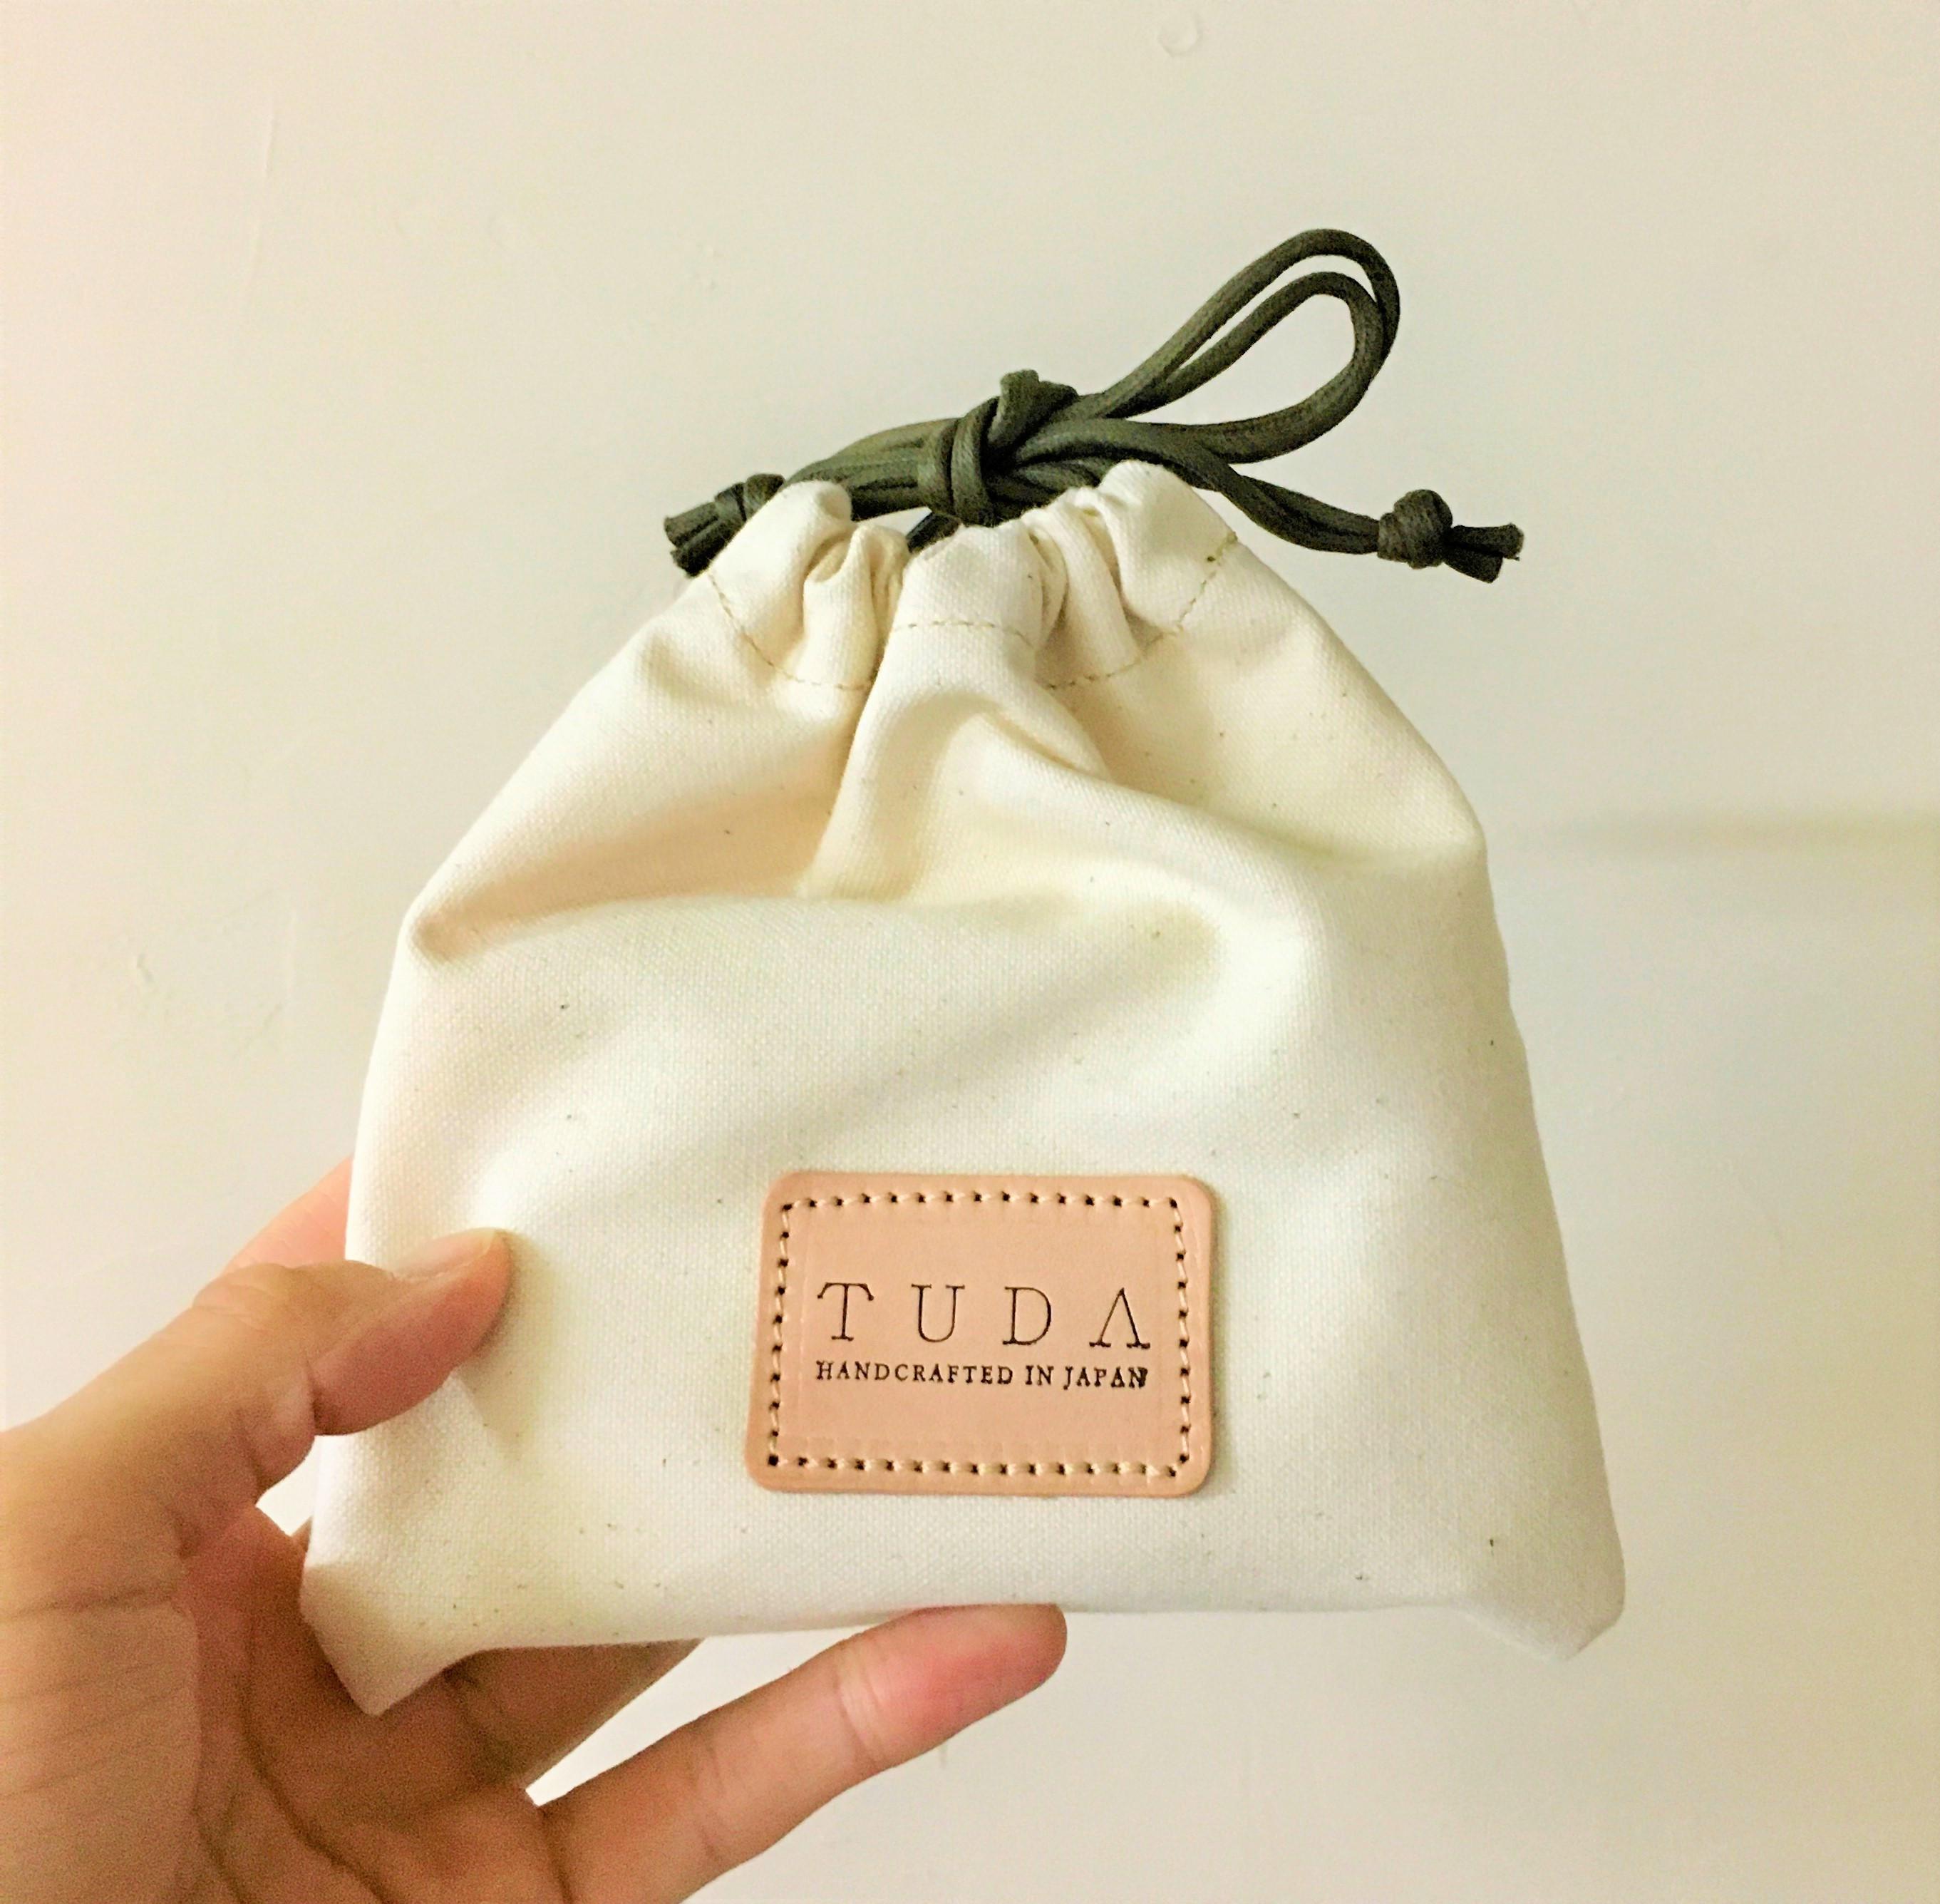 ギフト用に革小物をご注文いただいた場合は、巾着袋もおつけします。